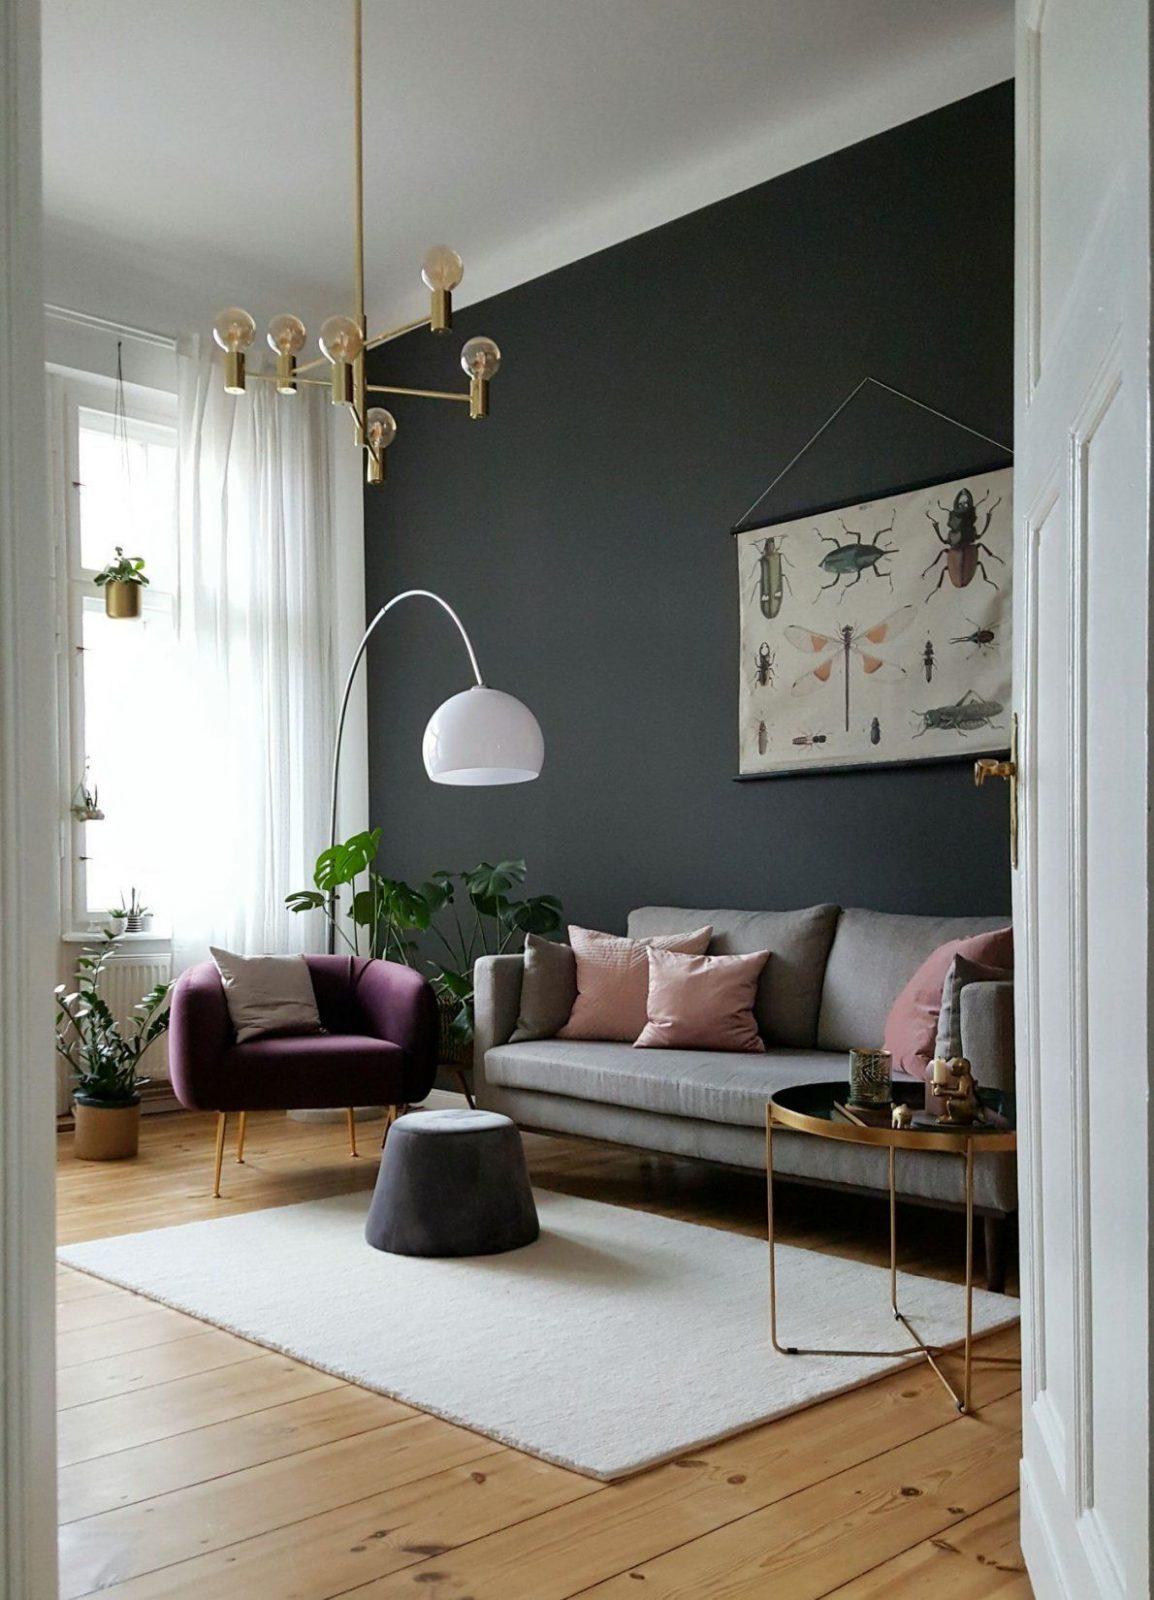 Welche Wandfarbe Zu Braunen Mobeln Mit Graue Möbel Welche Wandfarbe von Graue Möbel Welche Wandfarbe Bild